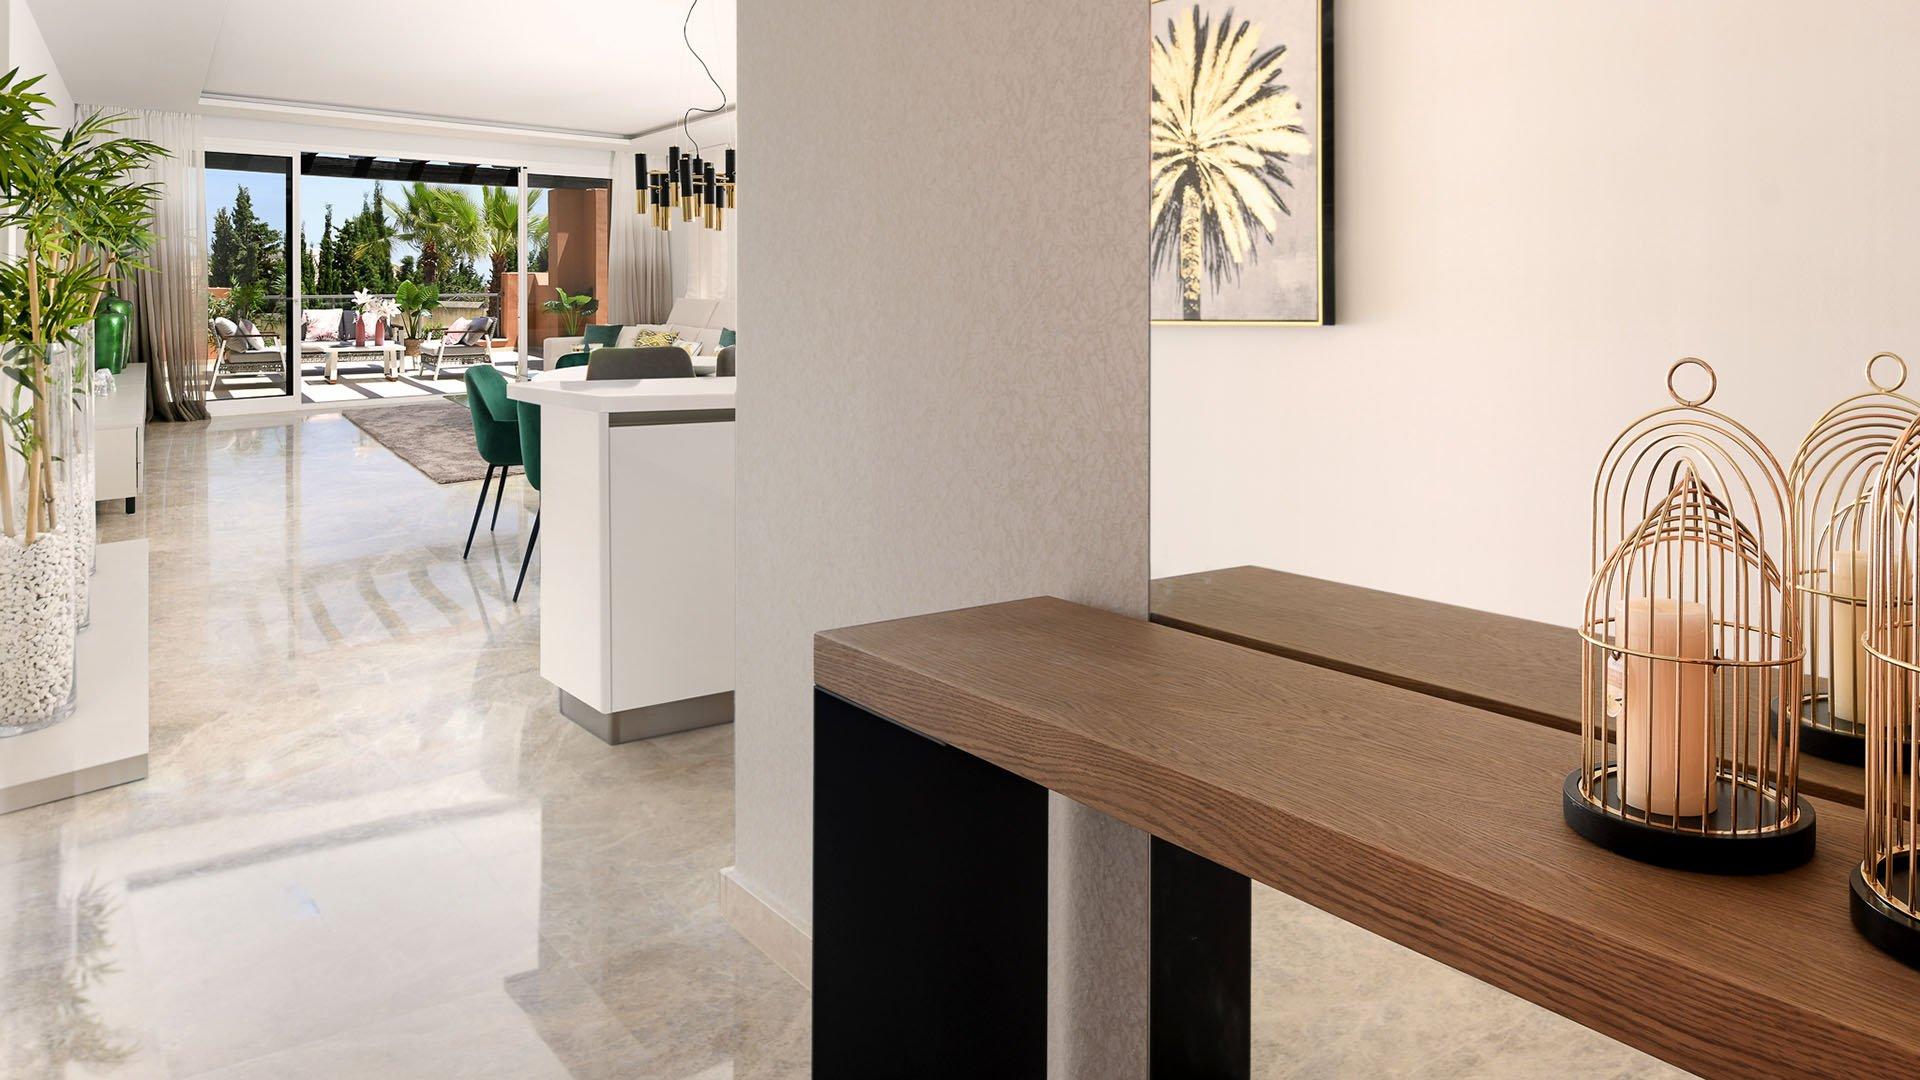 Alminar de Marbella – phase 2: Apartments in the Golf Valley in Marbella